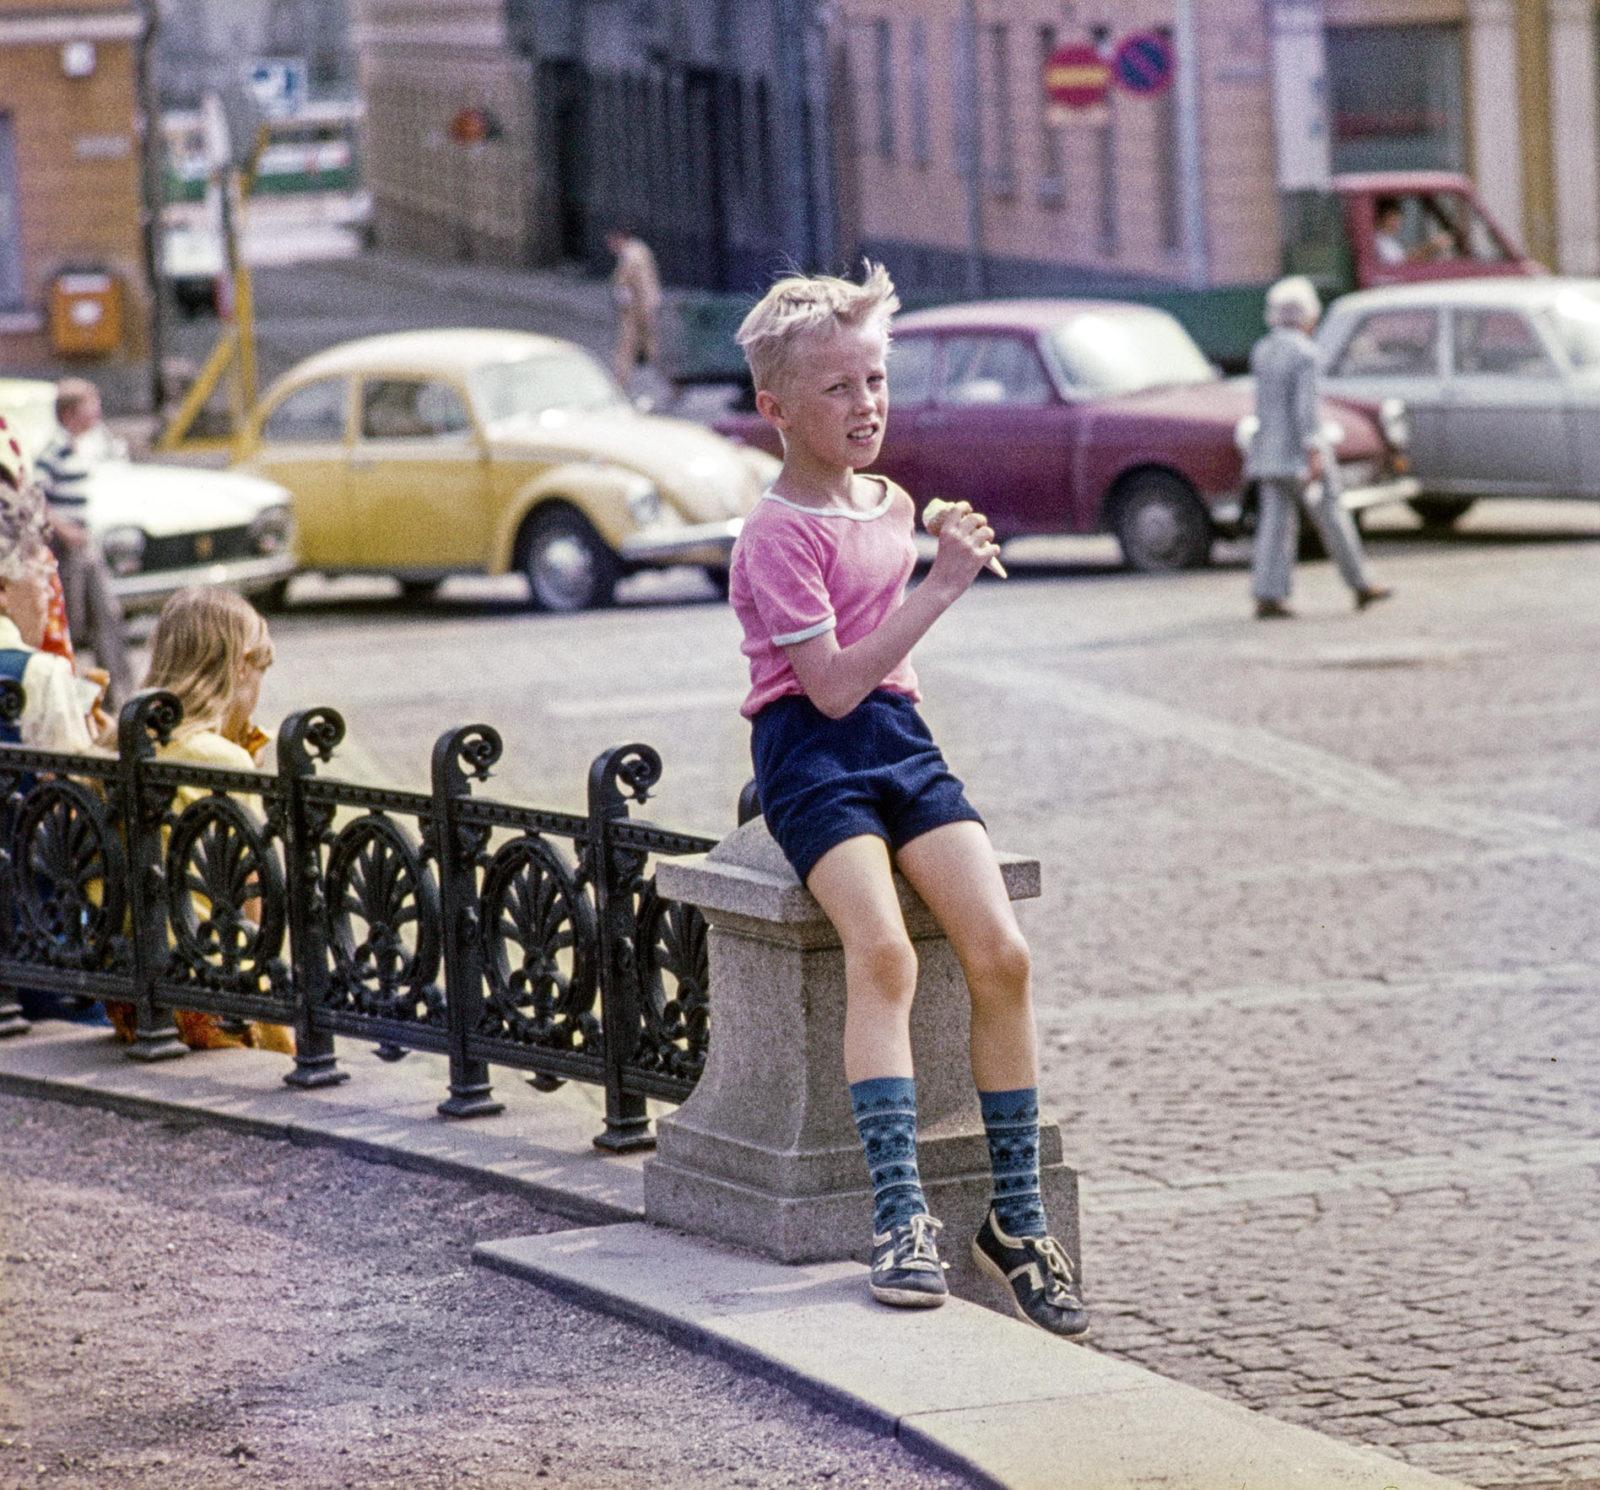 Poika syö jäätelöä ja istuu Aleksanteri II:n patsasta ympäröivän koristekaiteen tolpan päällä, taustalla Sofiankatu Kuvaaja: Punkari Pekka, Kuvanottovuosi: 1977